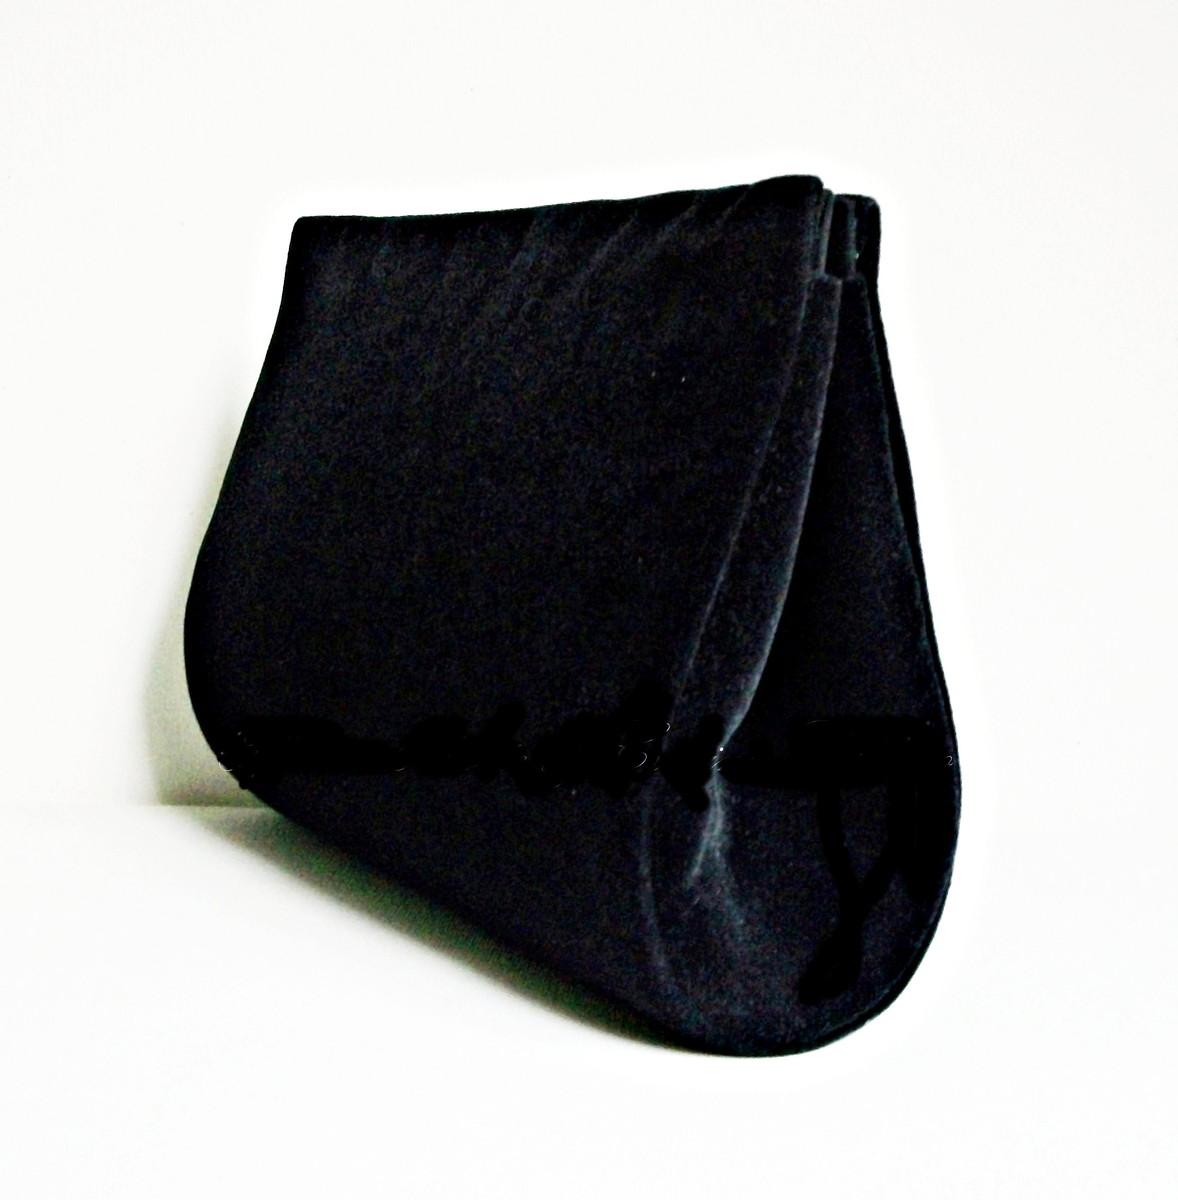 Bolsa De Mão Clutch : Bolsa clutch veludo preta oficina de arte elo